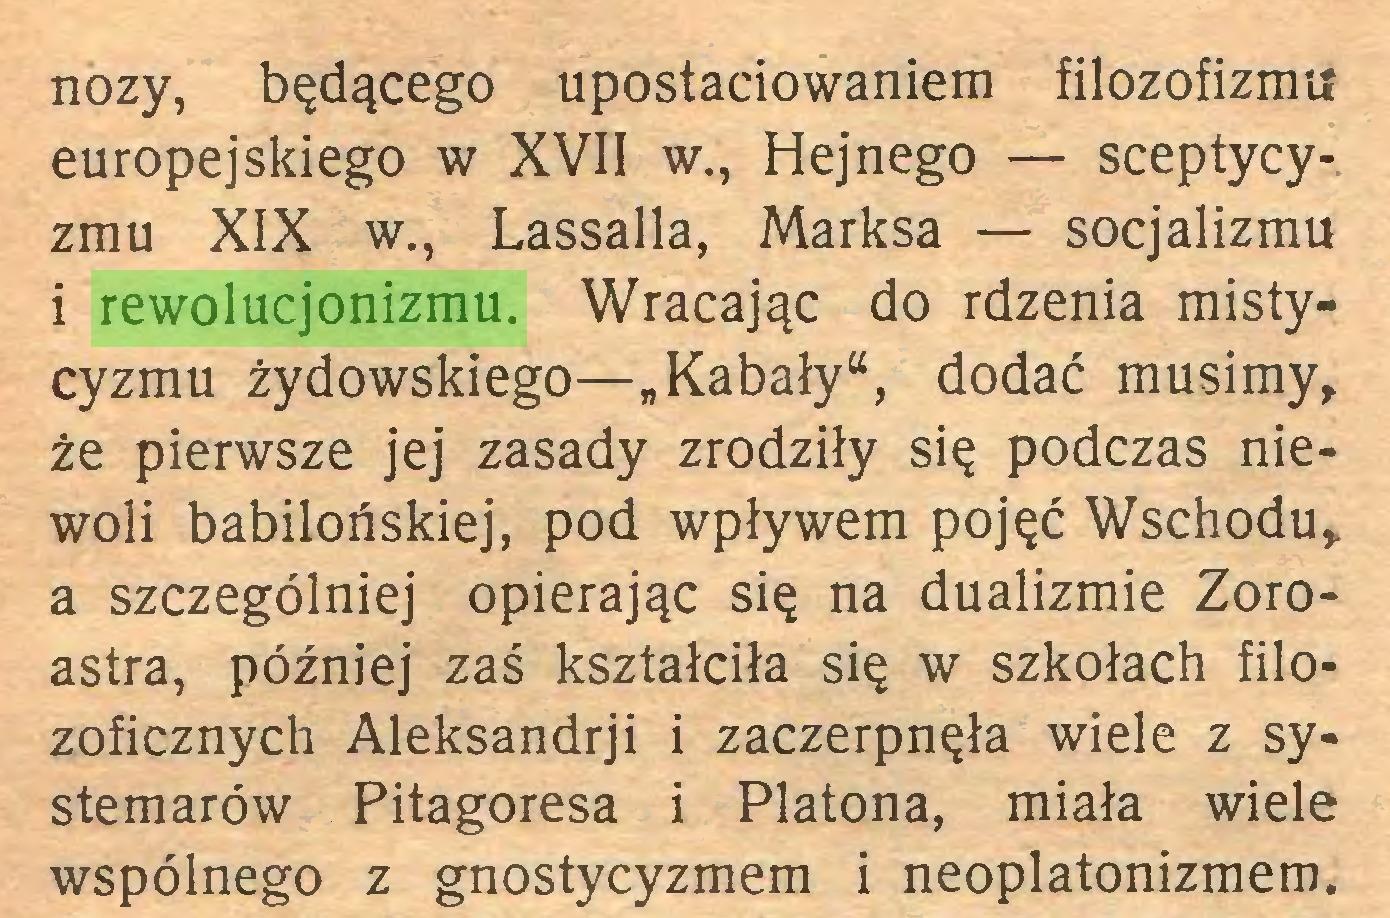 """(...) noży, będącego upostaciowaniem filozofizmu europejskiego w XVII w., Hejnego — sceptycyzmu XIX w., Lassalla, Marksa — socjalizmu i rewolucjonizmu. Wracając do rdzenia mistycyzmu żydowskiego—""""Kabały"""", dodać musimy, że pierwsze jej zasady zrodziły się podczas niewoli babilońskiej, pod wpływem pojęć Wschodu, a szczególniej opierając się na dualizmie Zoroastra, później zaś kształciła się w szkołach filozoficznych Aleksandrji i zaczerpnęła wiele z systemarów Pitagoresa i Platona, miała wiele wspólnego z gnostycyzmem i neoplatonizmem..."""